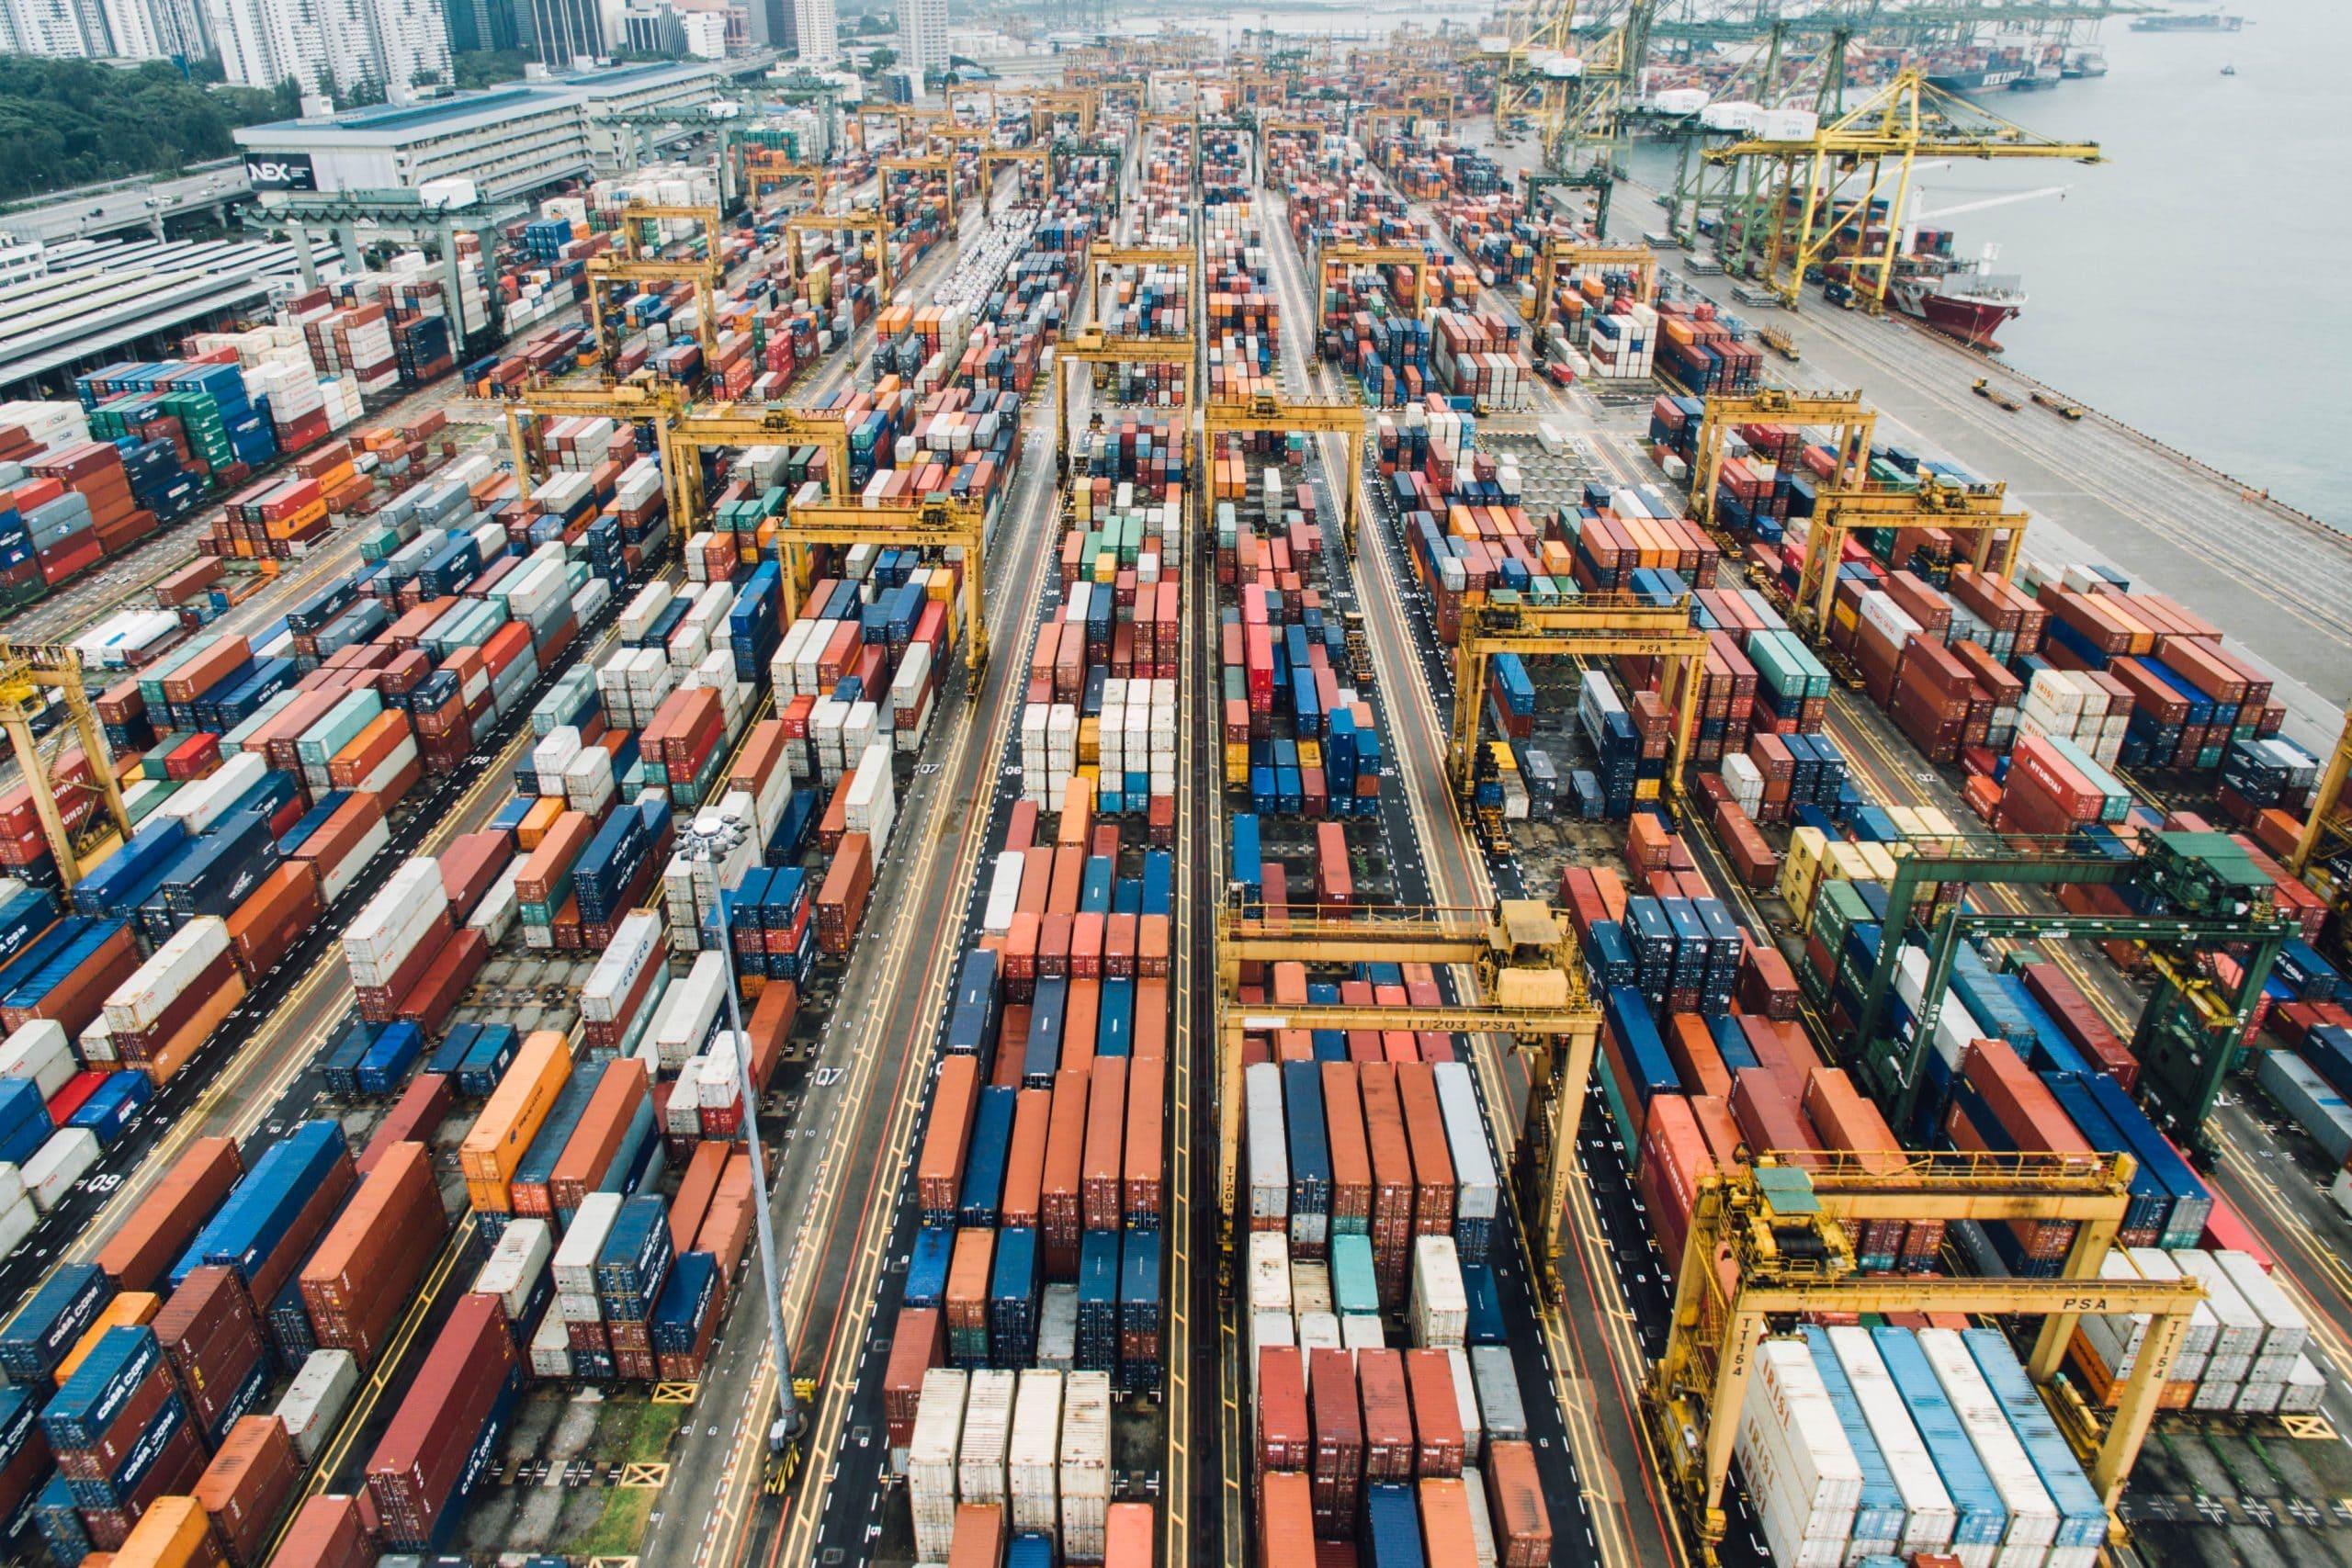 物流とは?輸送費や倉庫の費用、運送や保管・梱包作業のコスト削減、国際物流や運送会社の比較まで